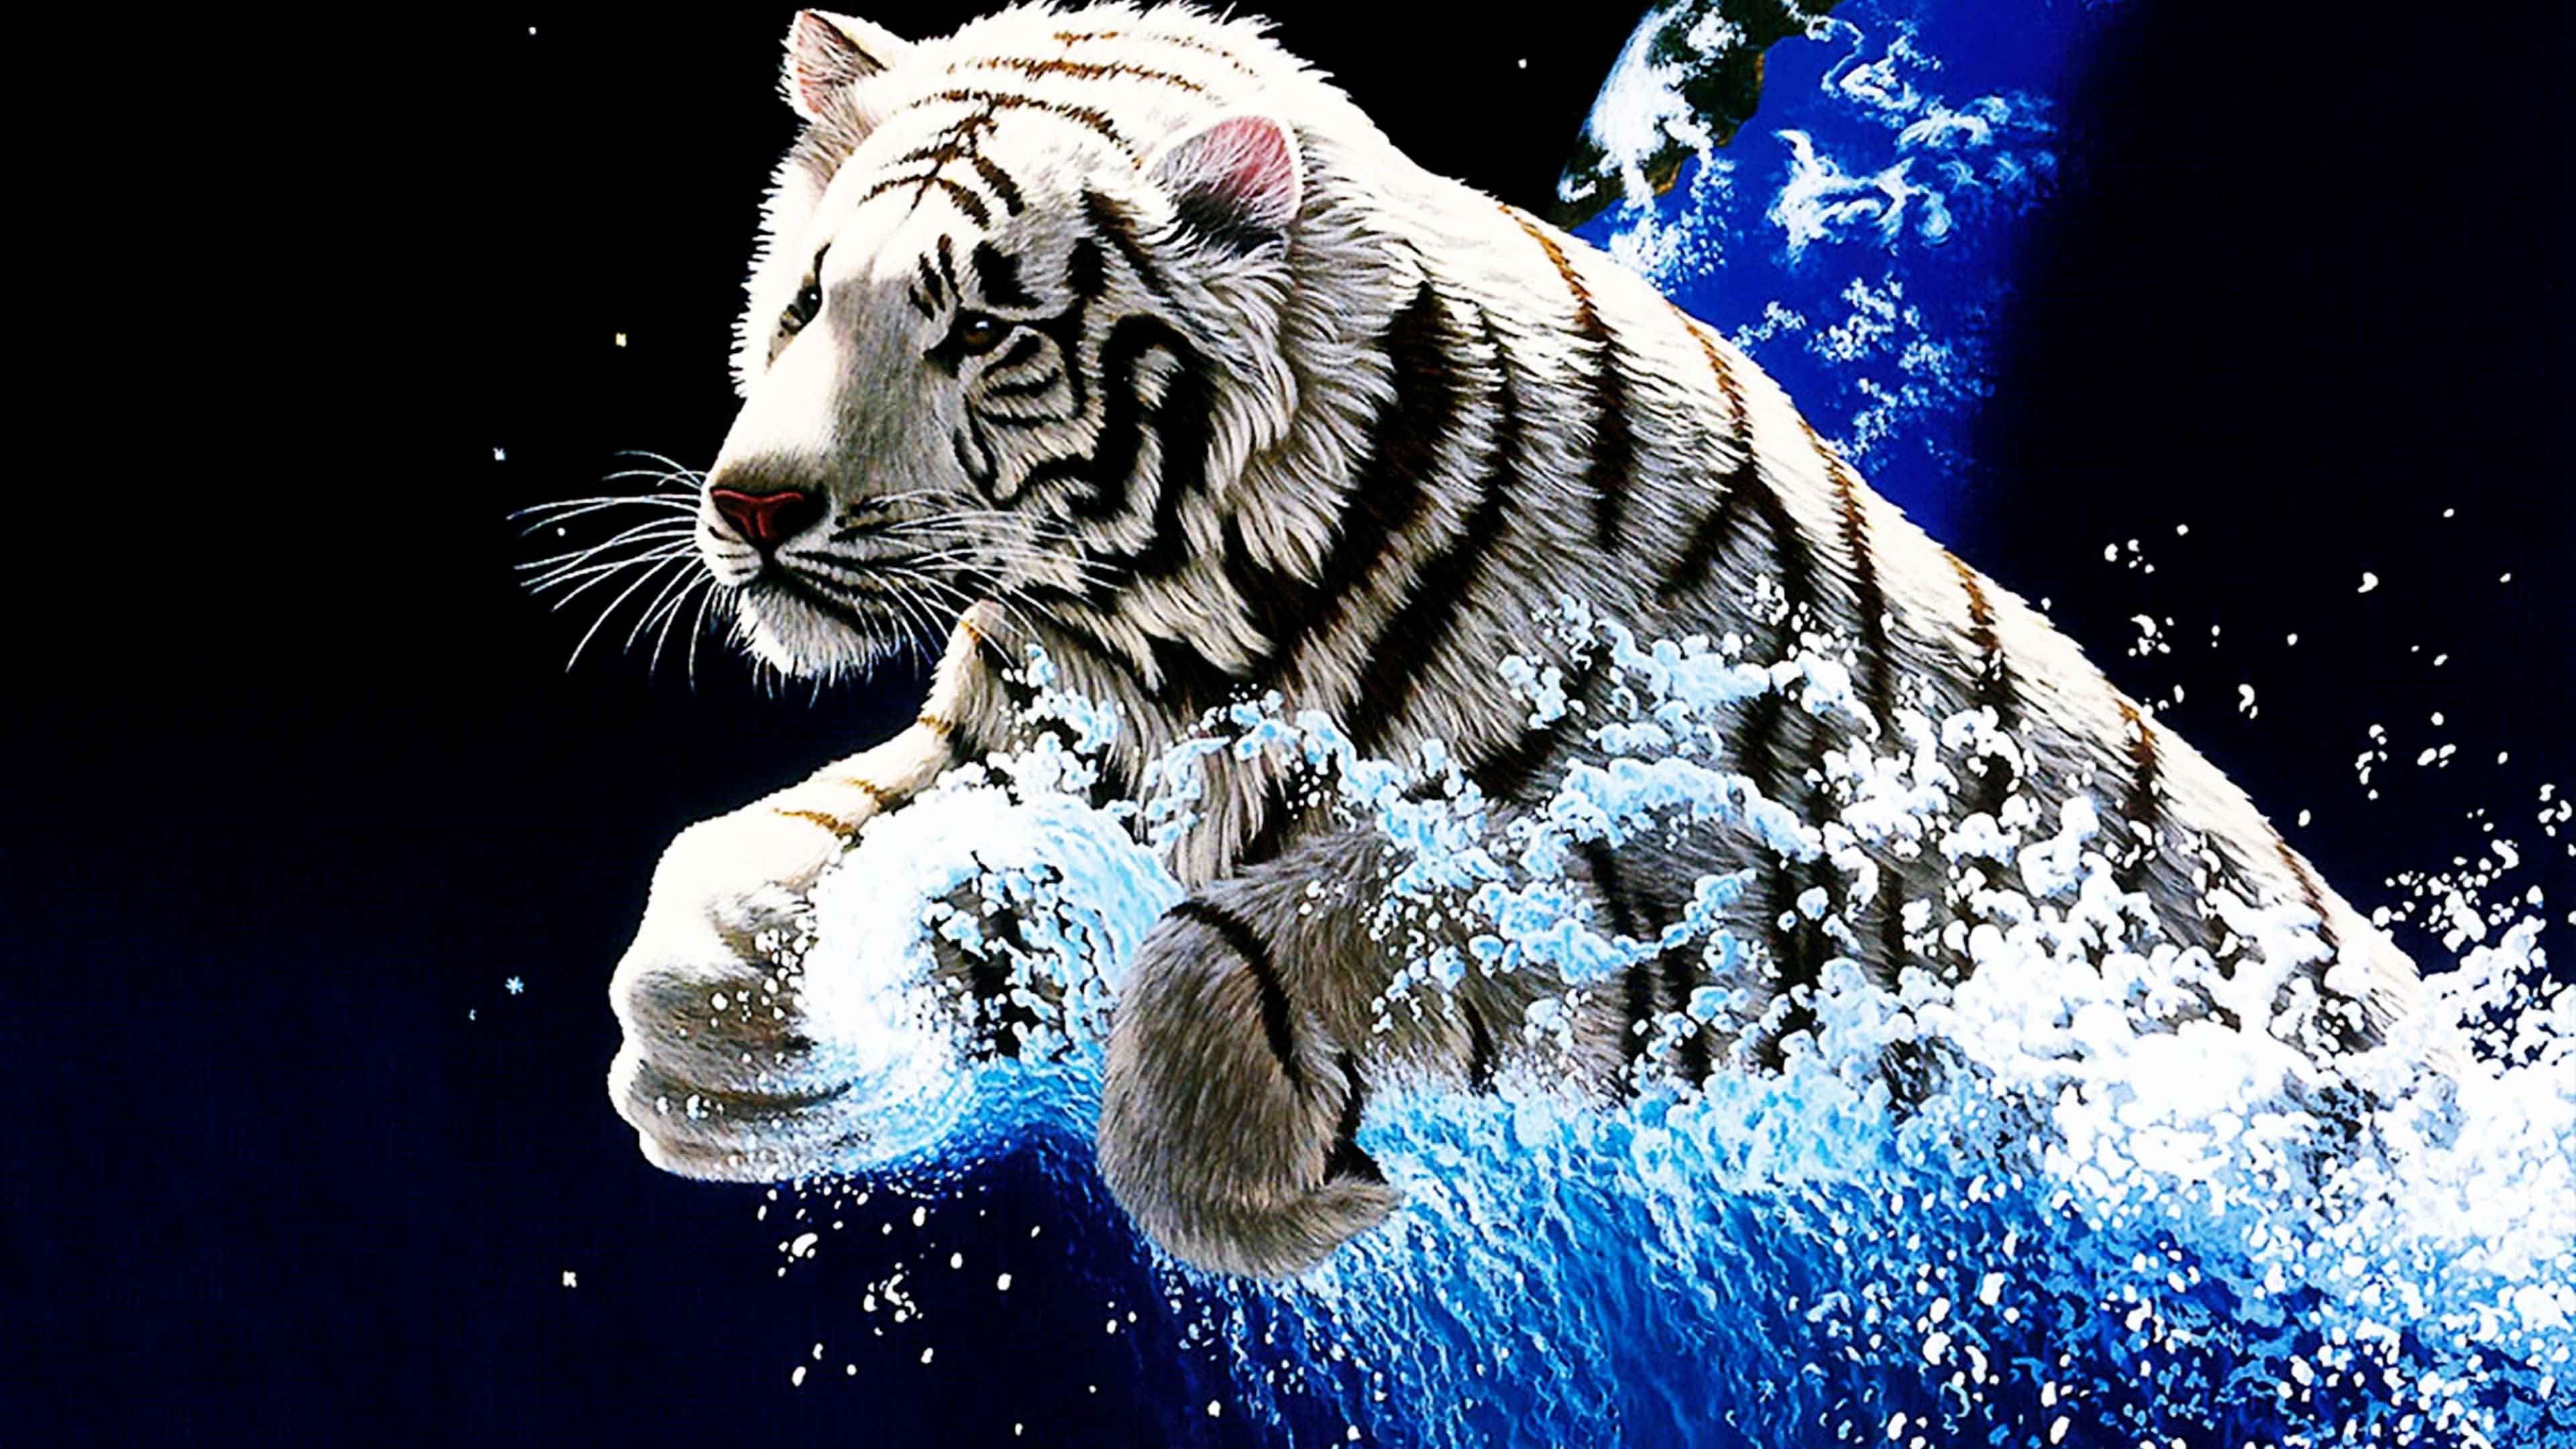 Tiger Wallpaper 3d Phone Tiger wallpaper, Tiger images